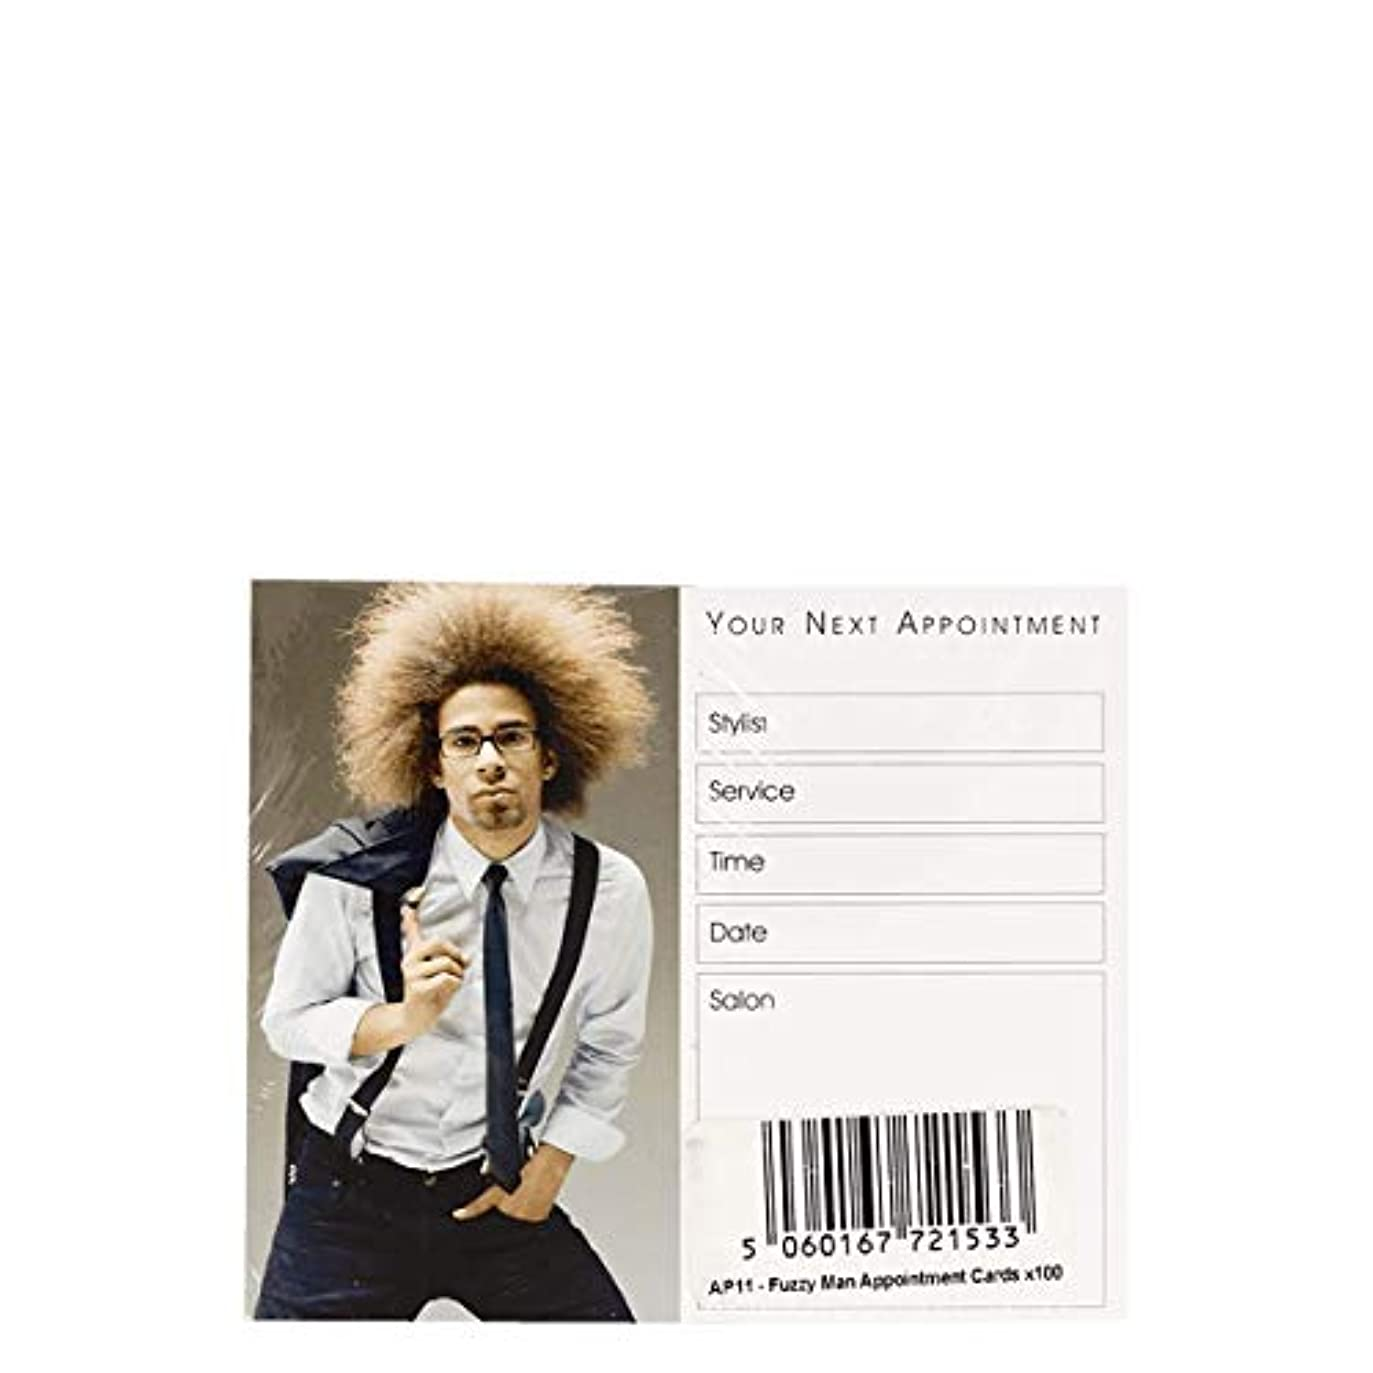 悔い改める手がかり才能アポイントメントカード Appointment Cards- AP11 FUZZY MAN CARDS x100[海外直送品] [並行輸入品]